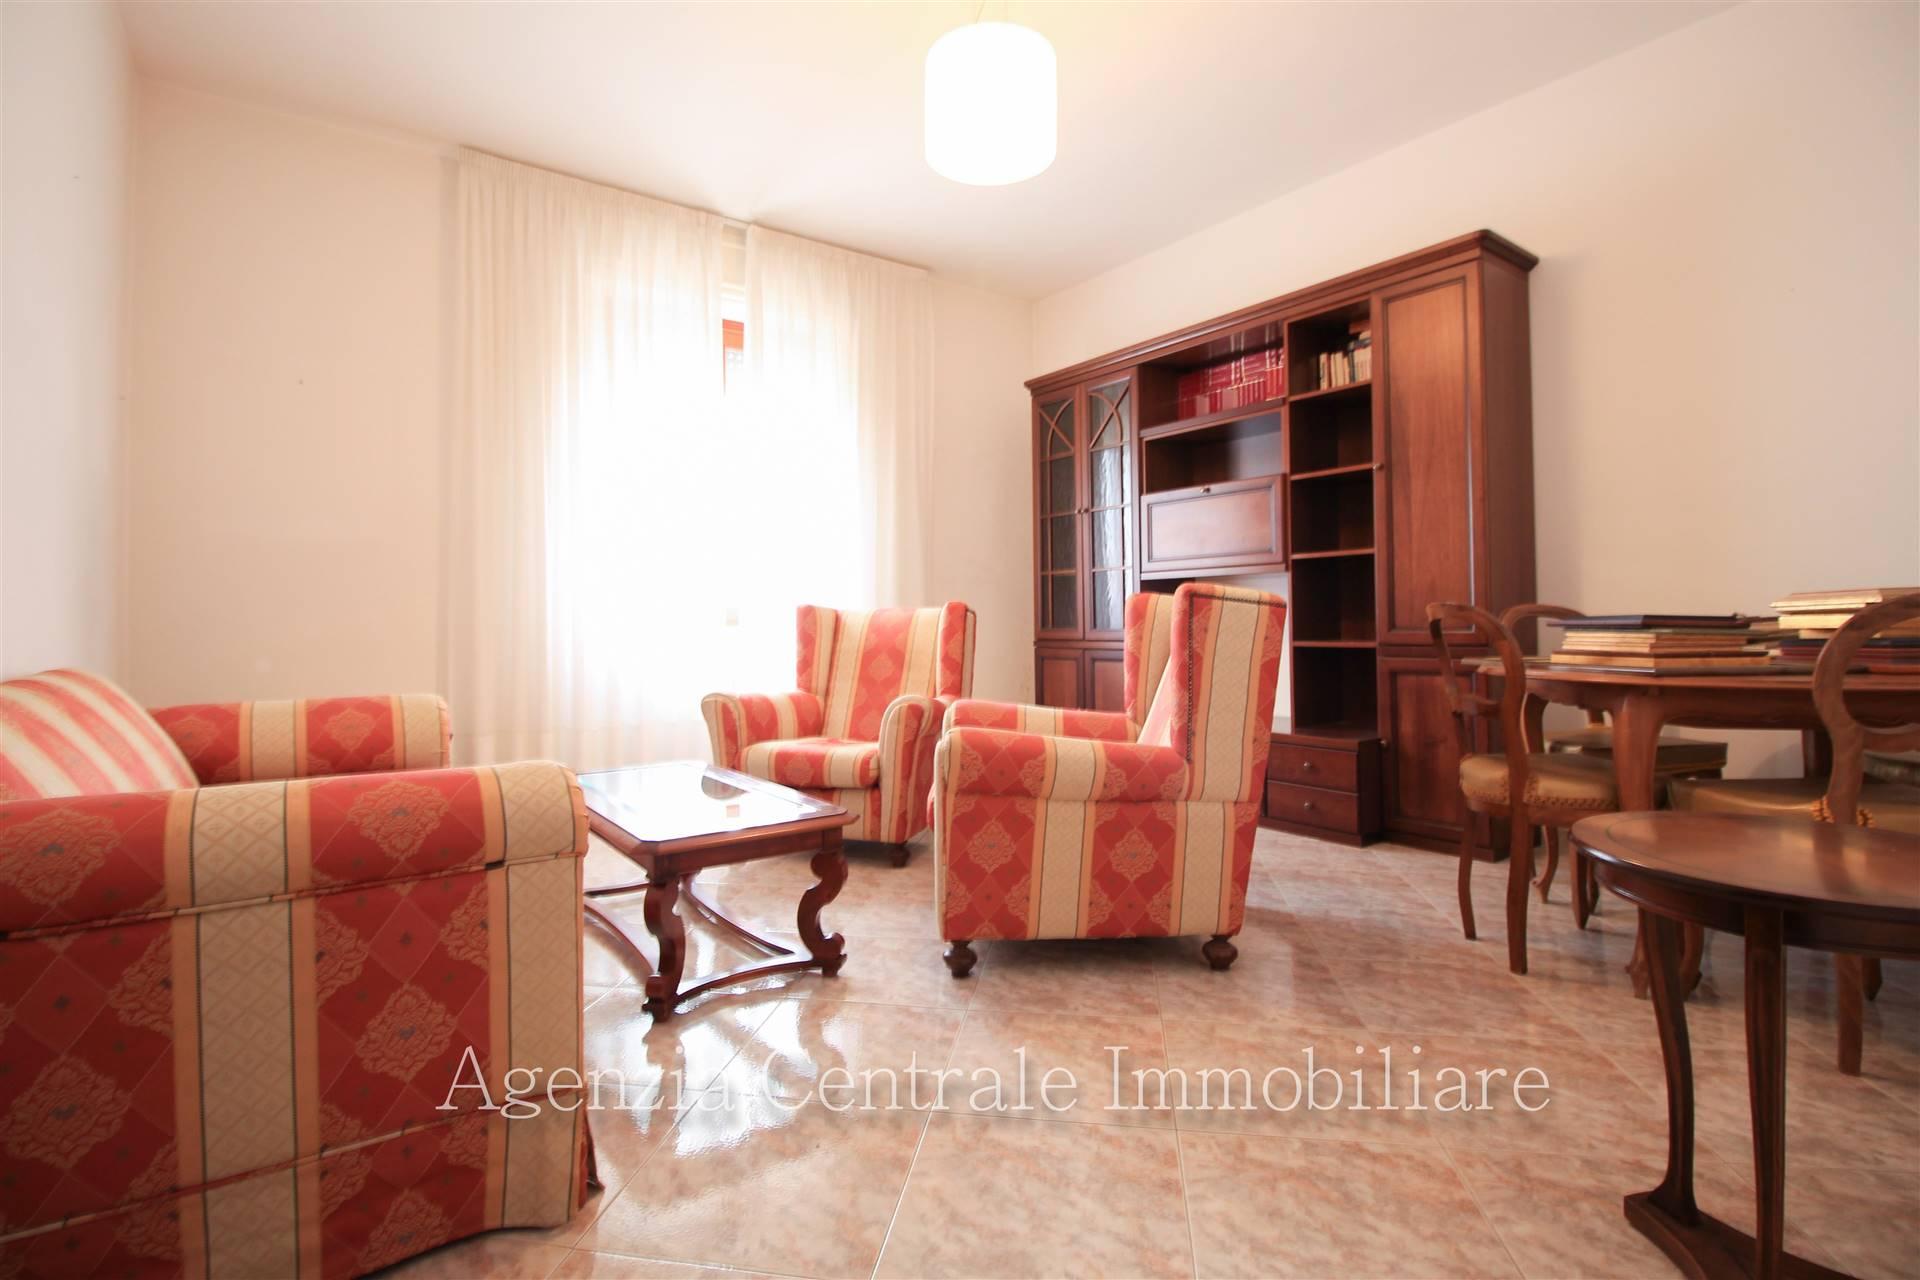 Appartamento in affitto a Grosseto, 4 locali, zona Località: CENTRO CITTÀ, prezzo € 600 | CambioCasa.it